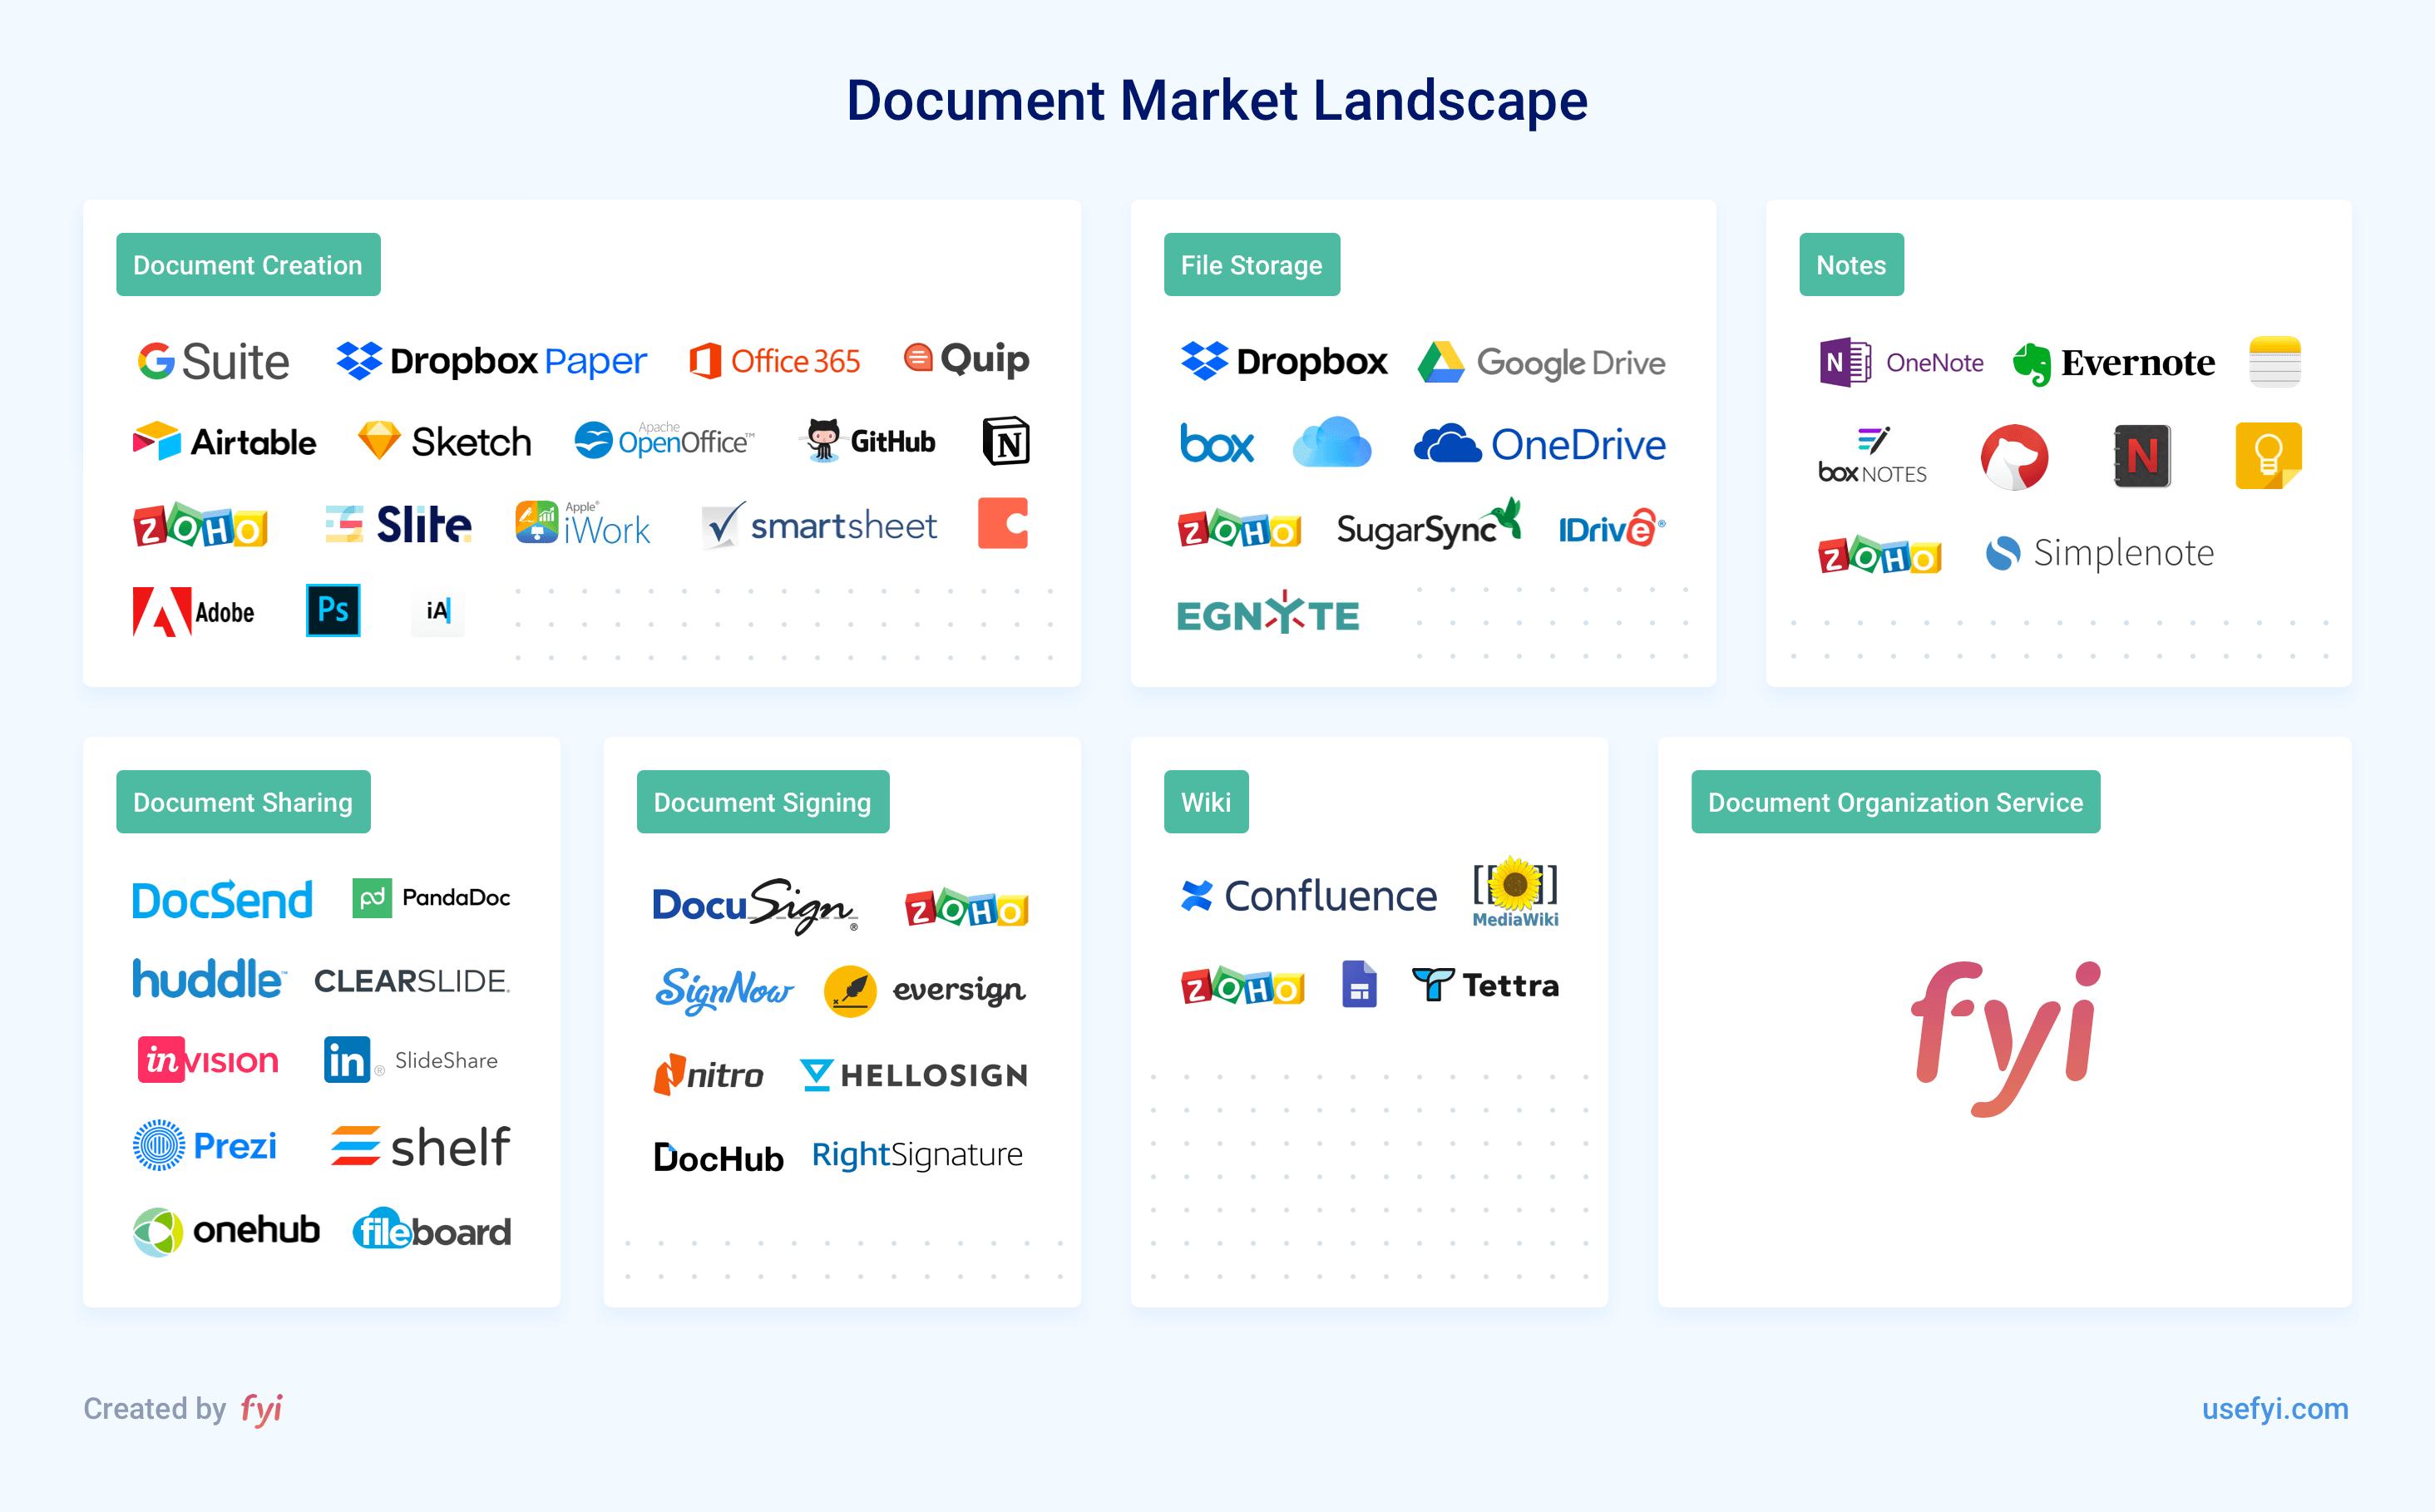 document market landscape